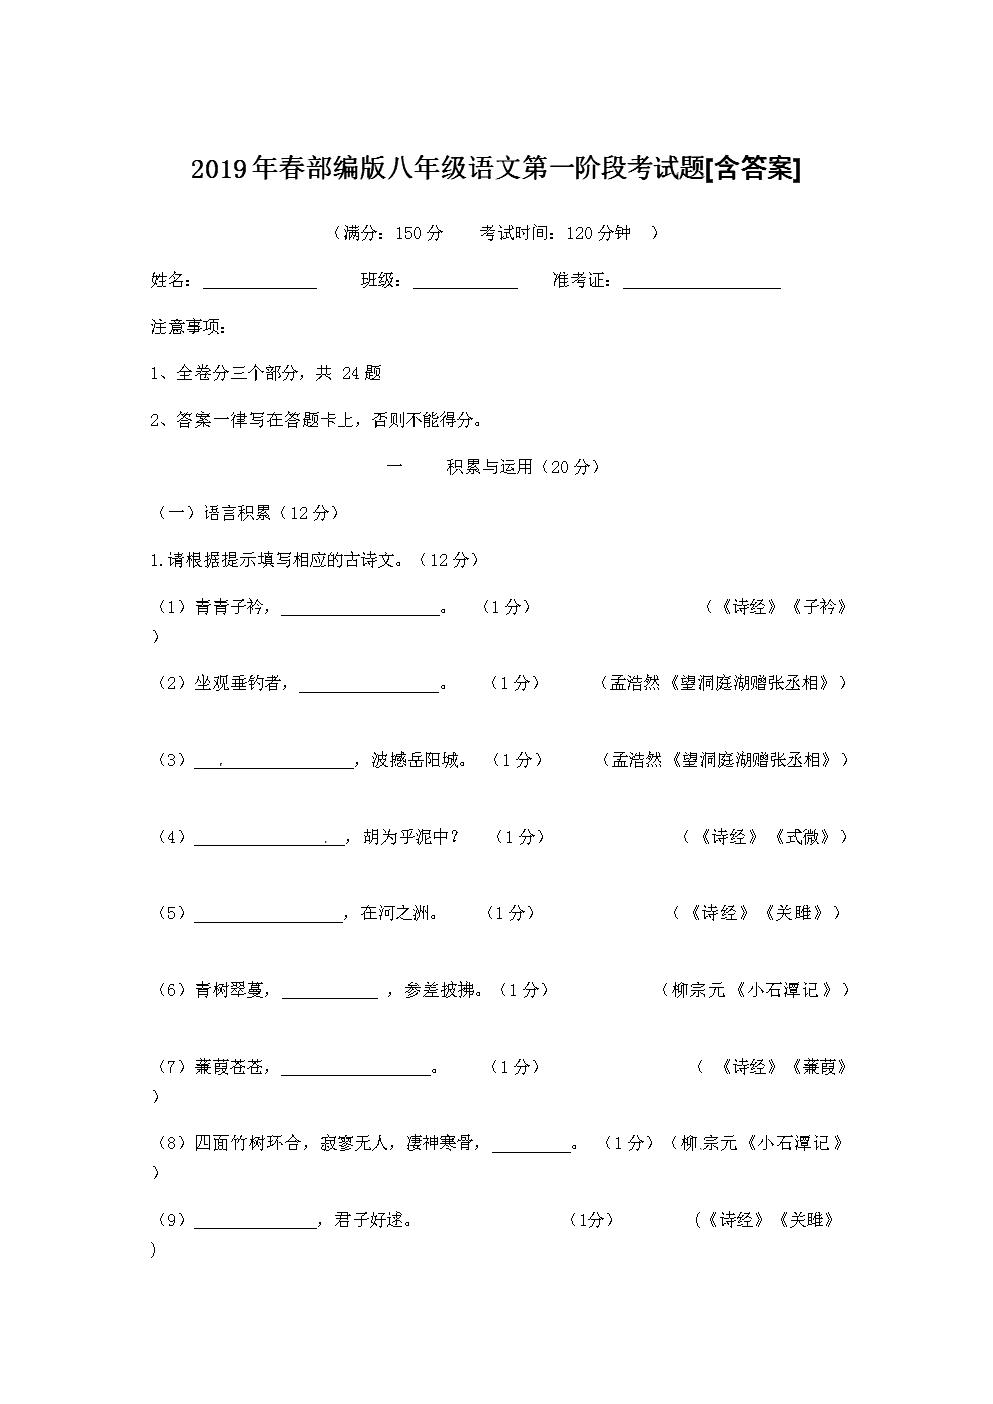 2019年春部编版八年级语文第一阶段考试题[含答案].docx